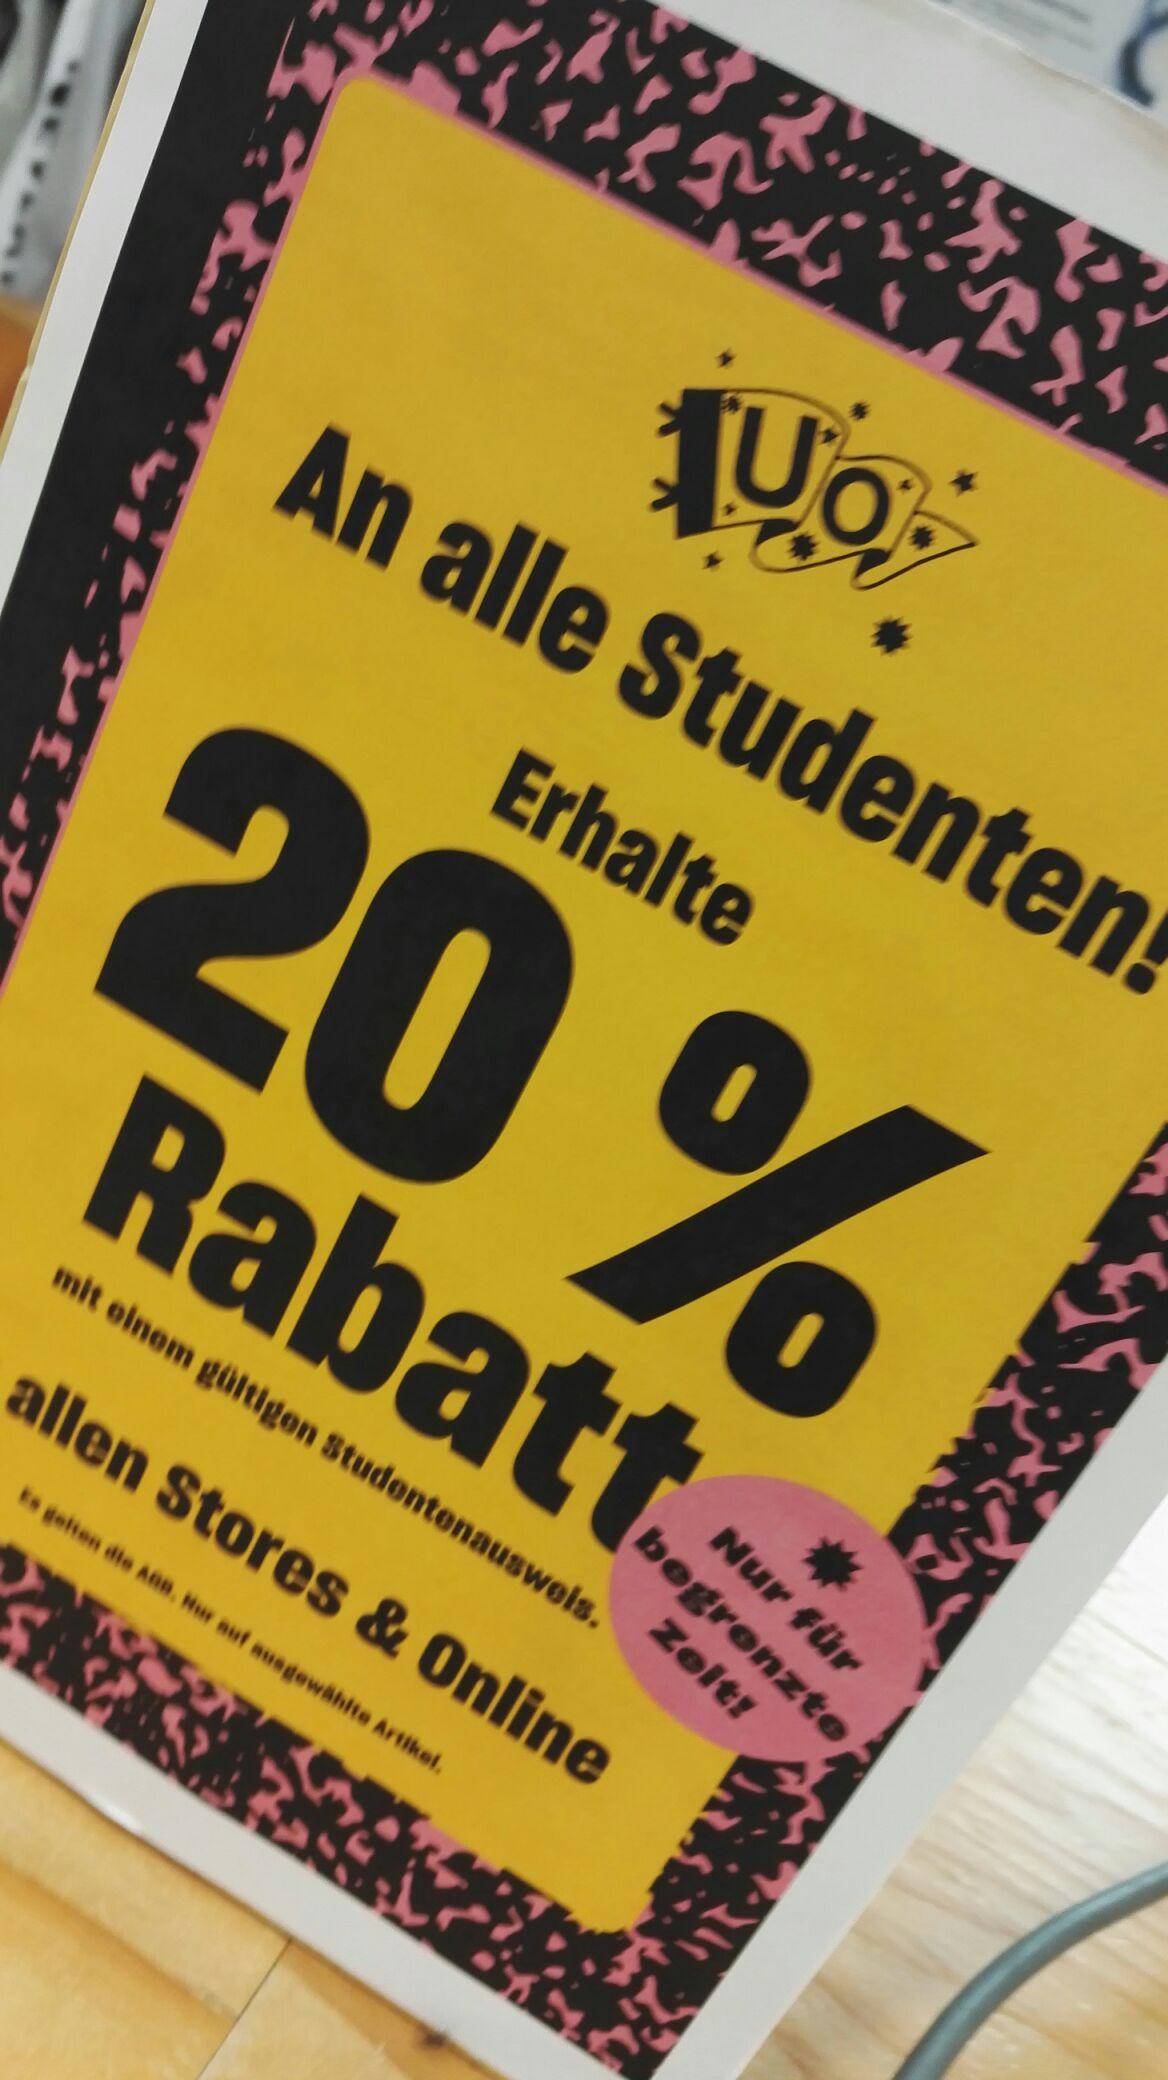 Für Studenten: 20% auf alles bei Urban Outfitters (on-/offline)